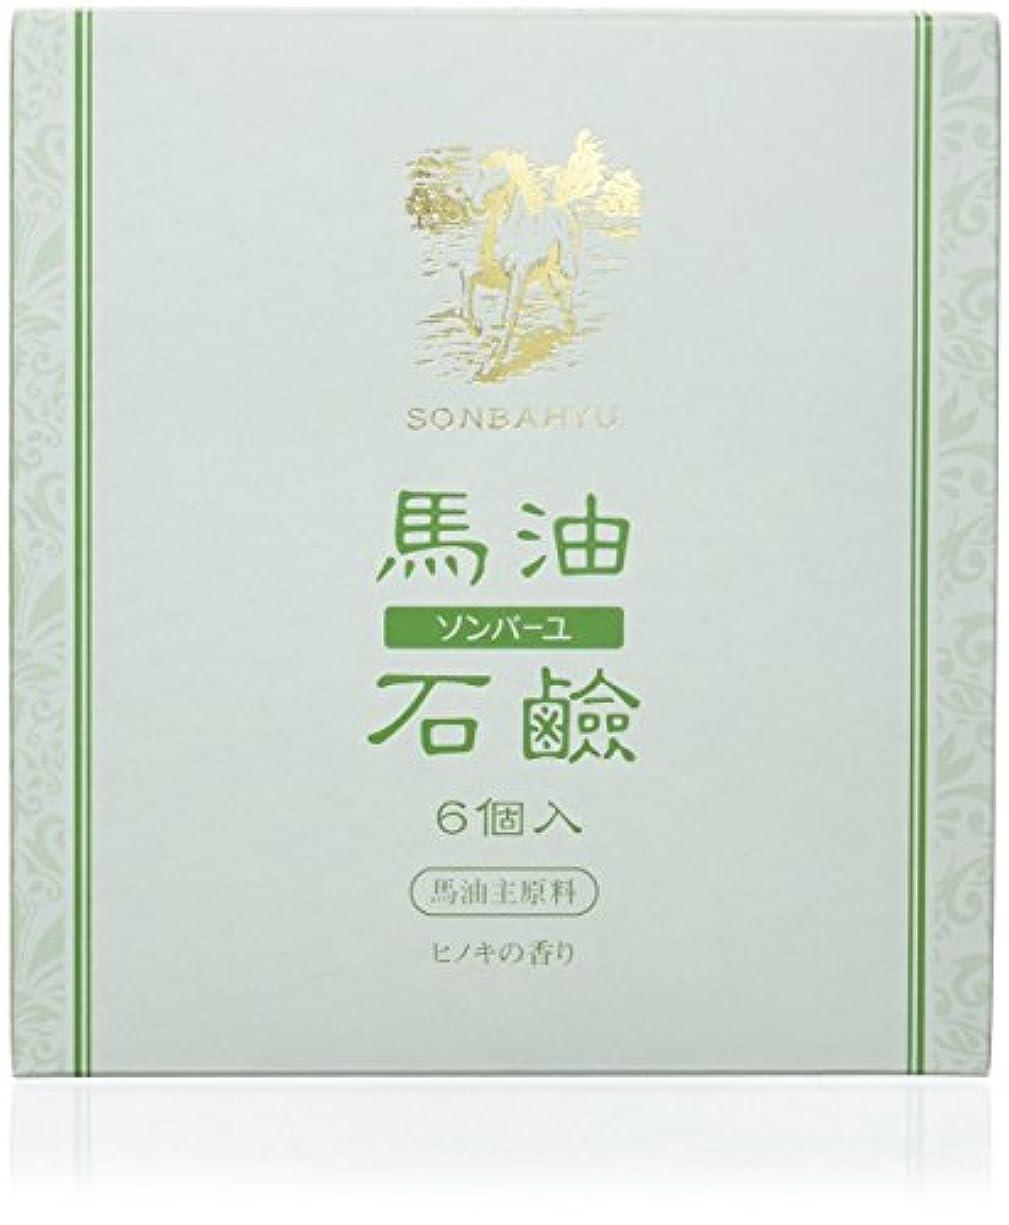 合併症受信発送ソンバーユ石鹸 85g×6個 ヒノキの香り